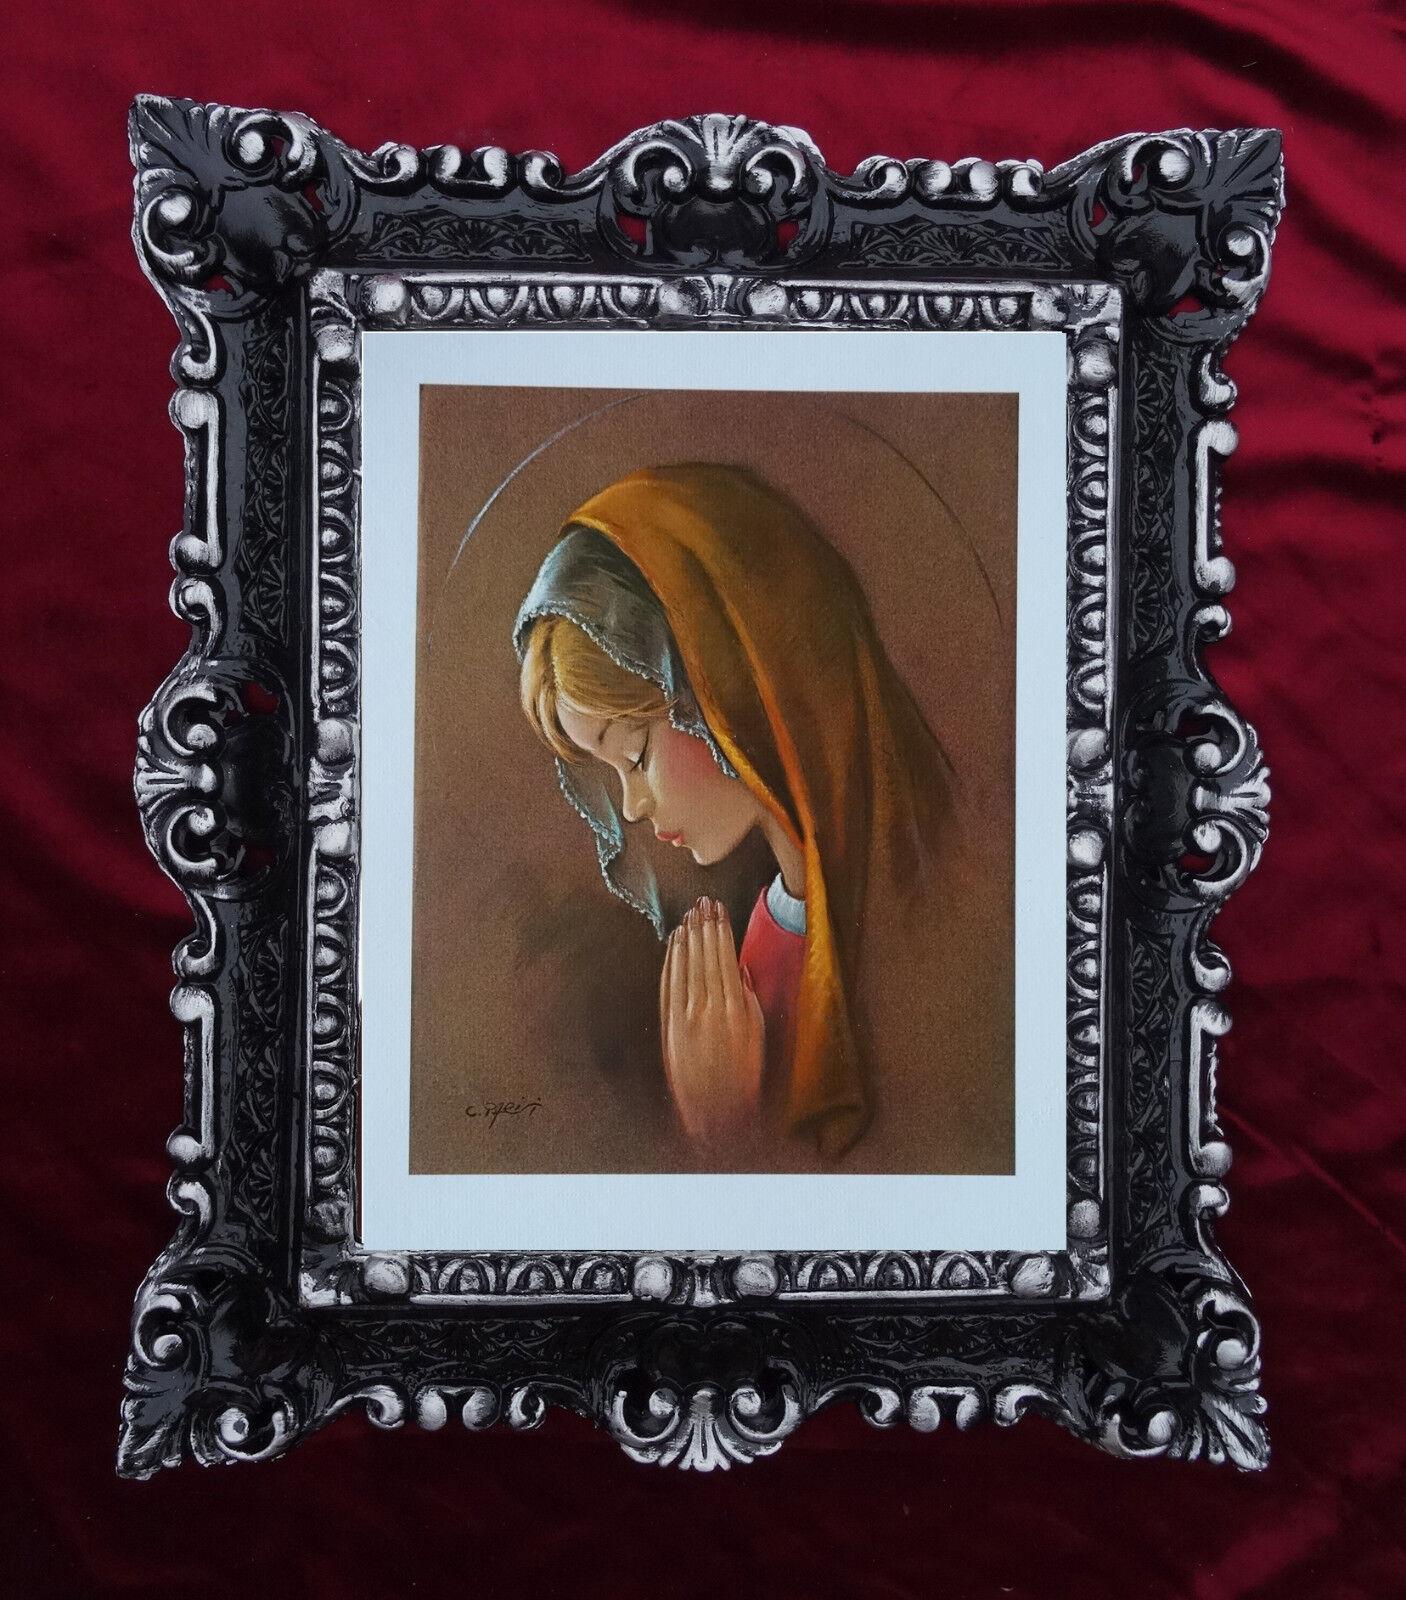 Maria Heilige Maria Mutter Gottes Gemälde Heiligenbild mit Antik ...